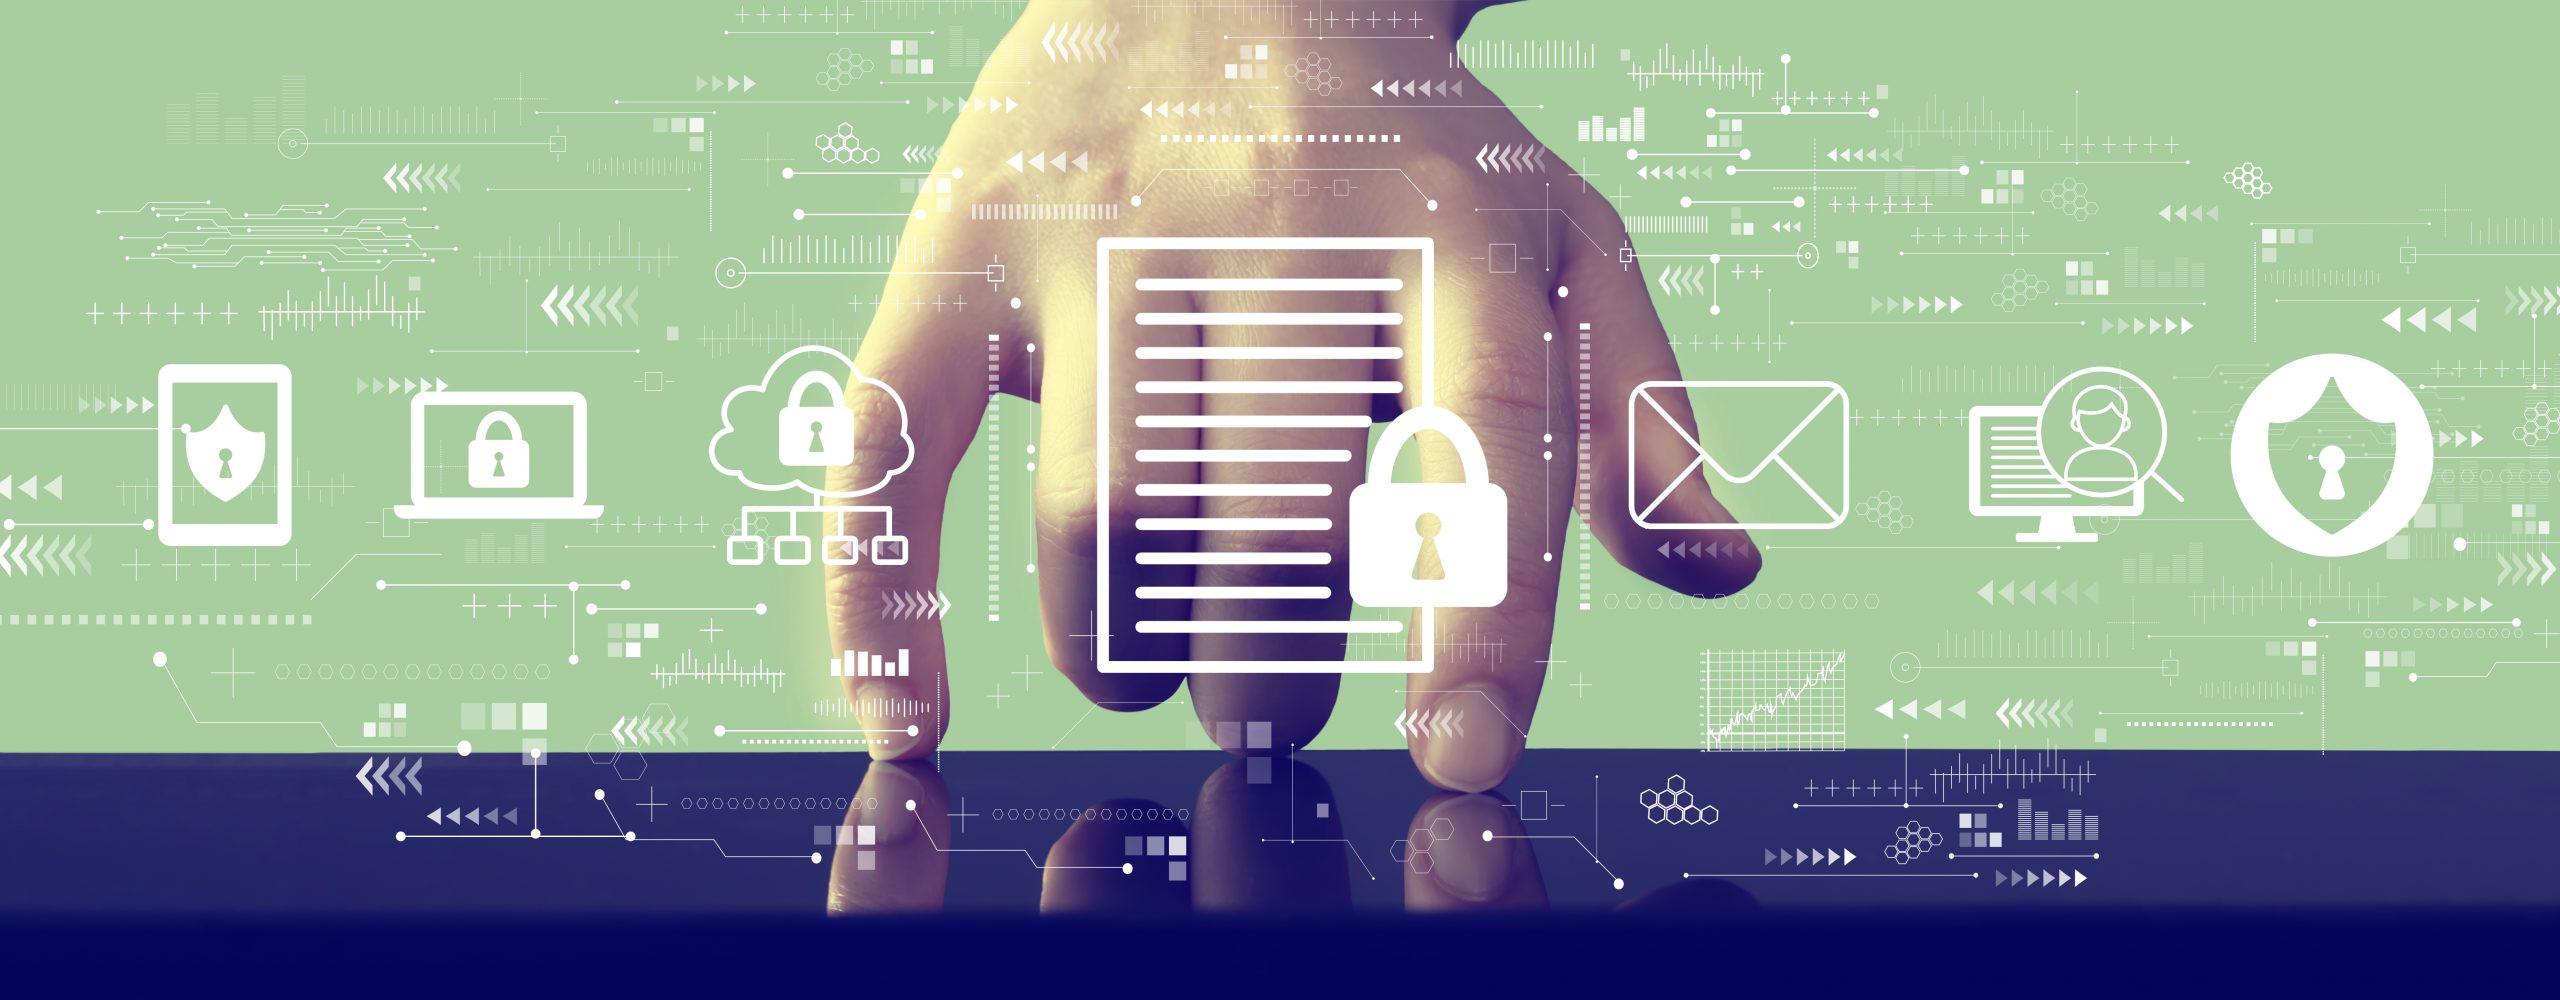 Hand im Hintergrund berührt mit Zeige- und kleiner Finger eine Glasplatte, abstrakte Icon mit dem Thema Datenschutz im Vordergrund